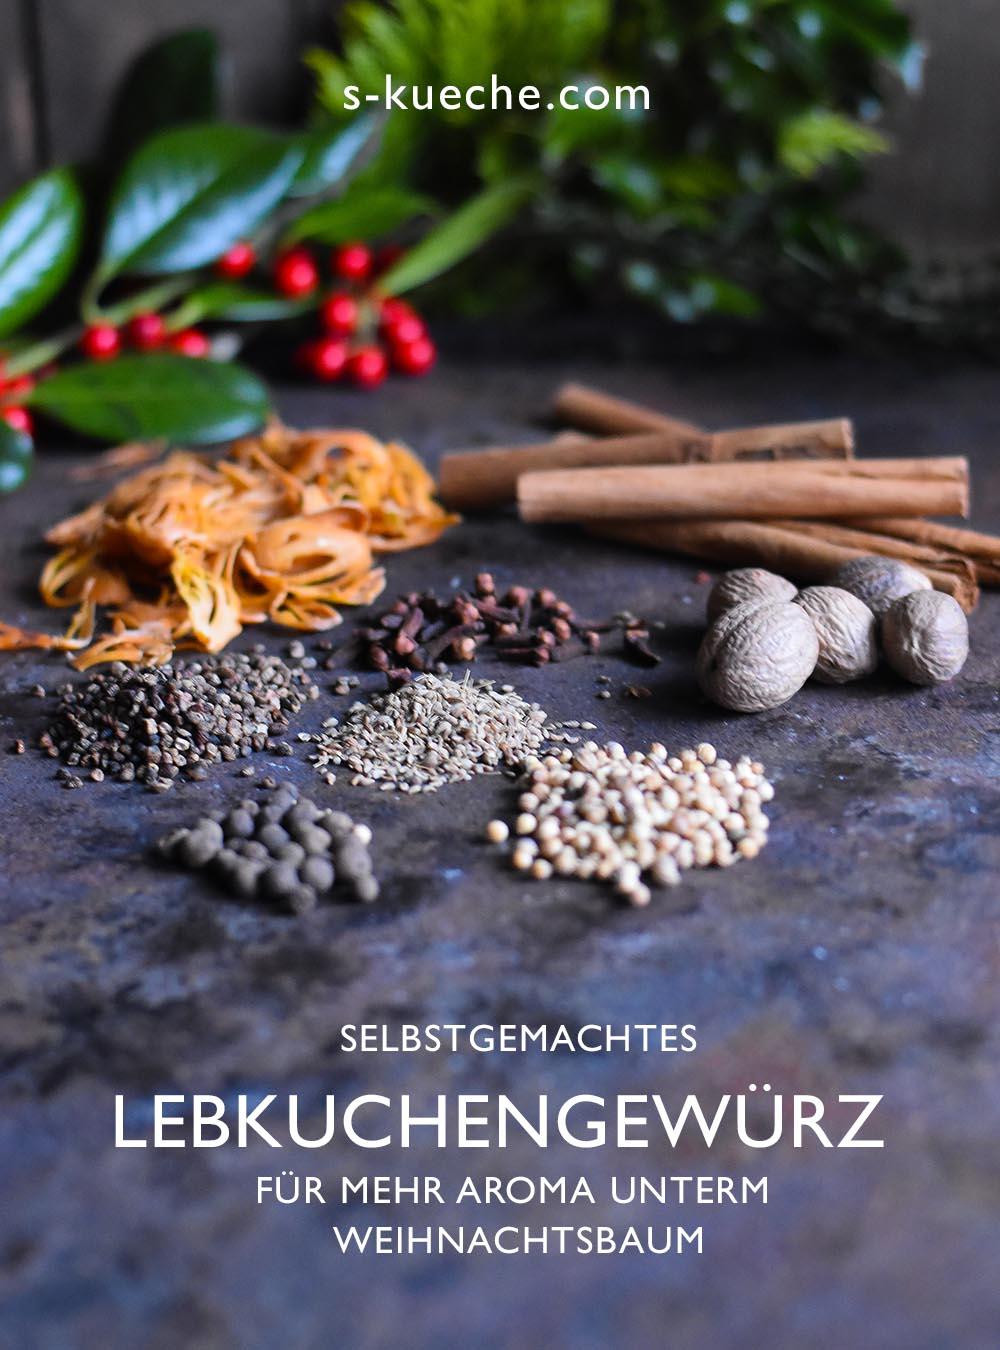 Lebkuchengewürz selbstgemacht - für mehr Aroma